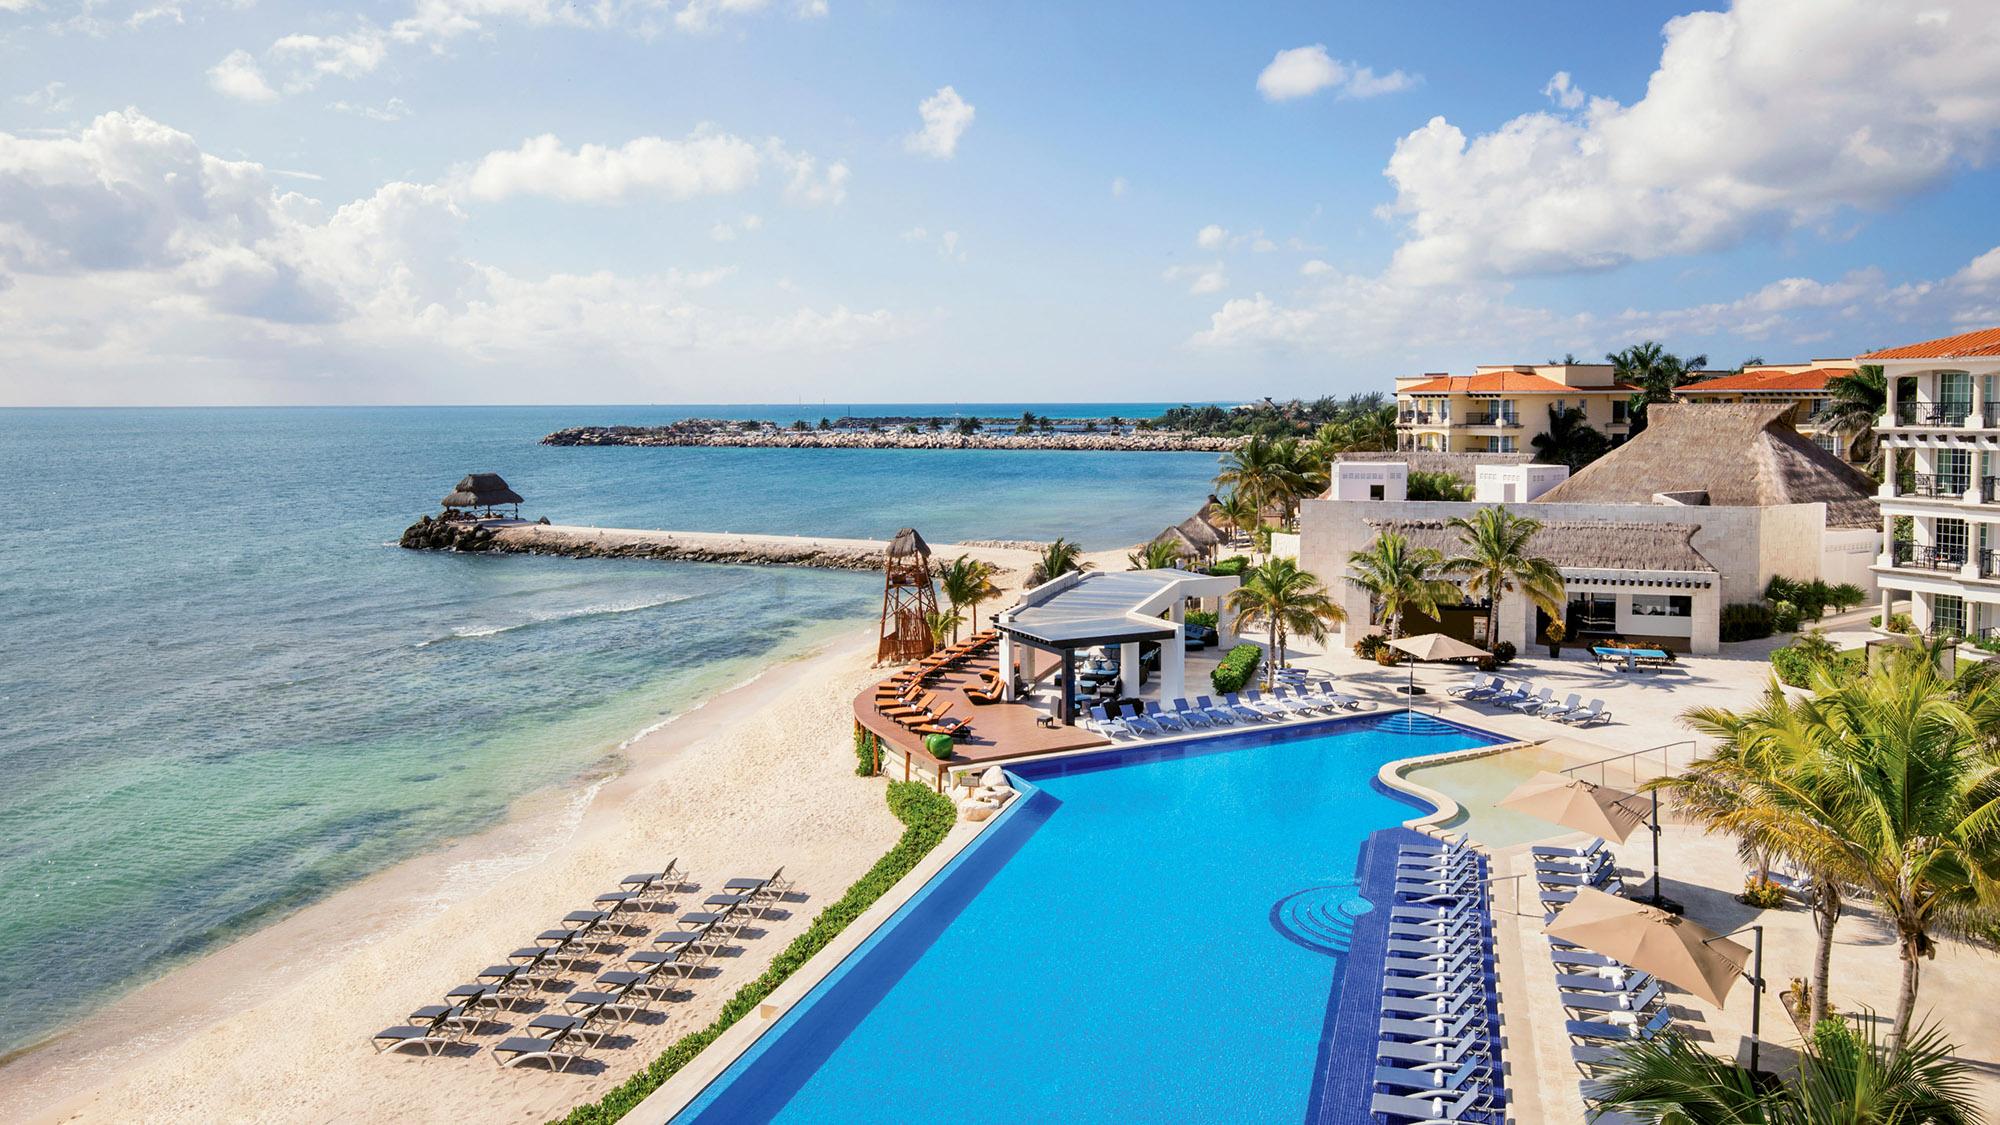 Ventus At Marina El Cid Subdued Yucatan Chic Travel Weekly